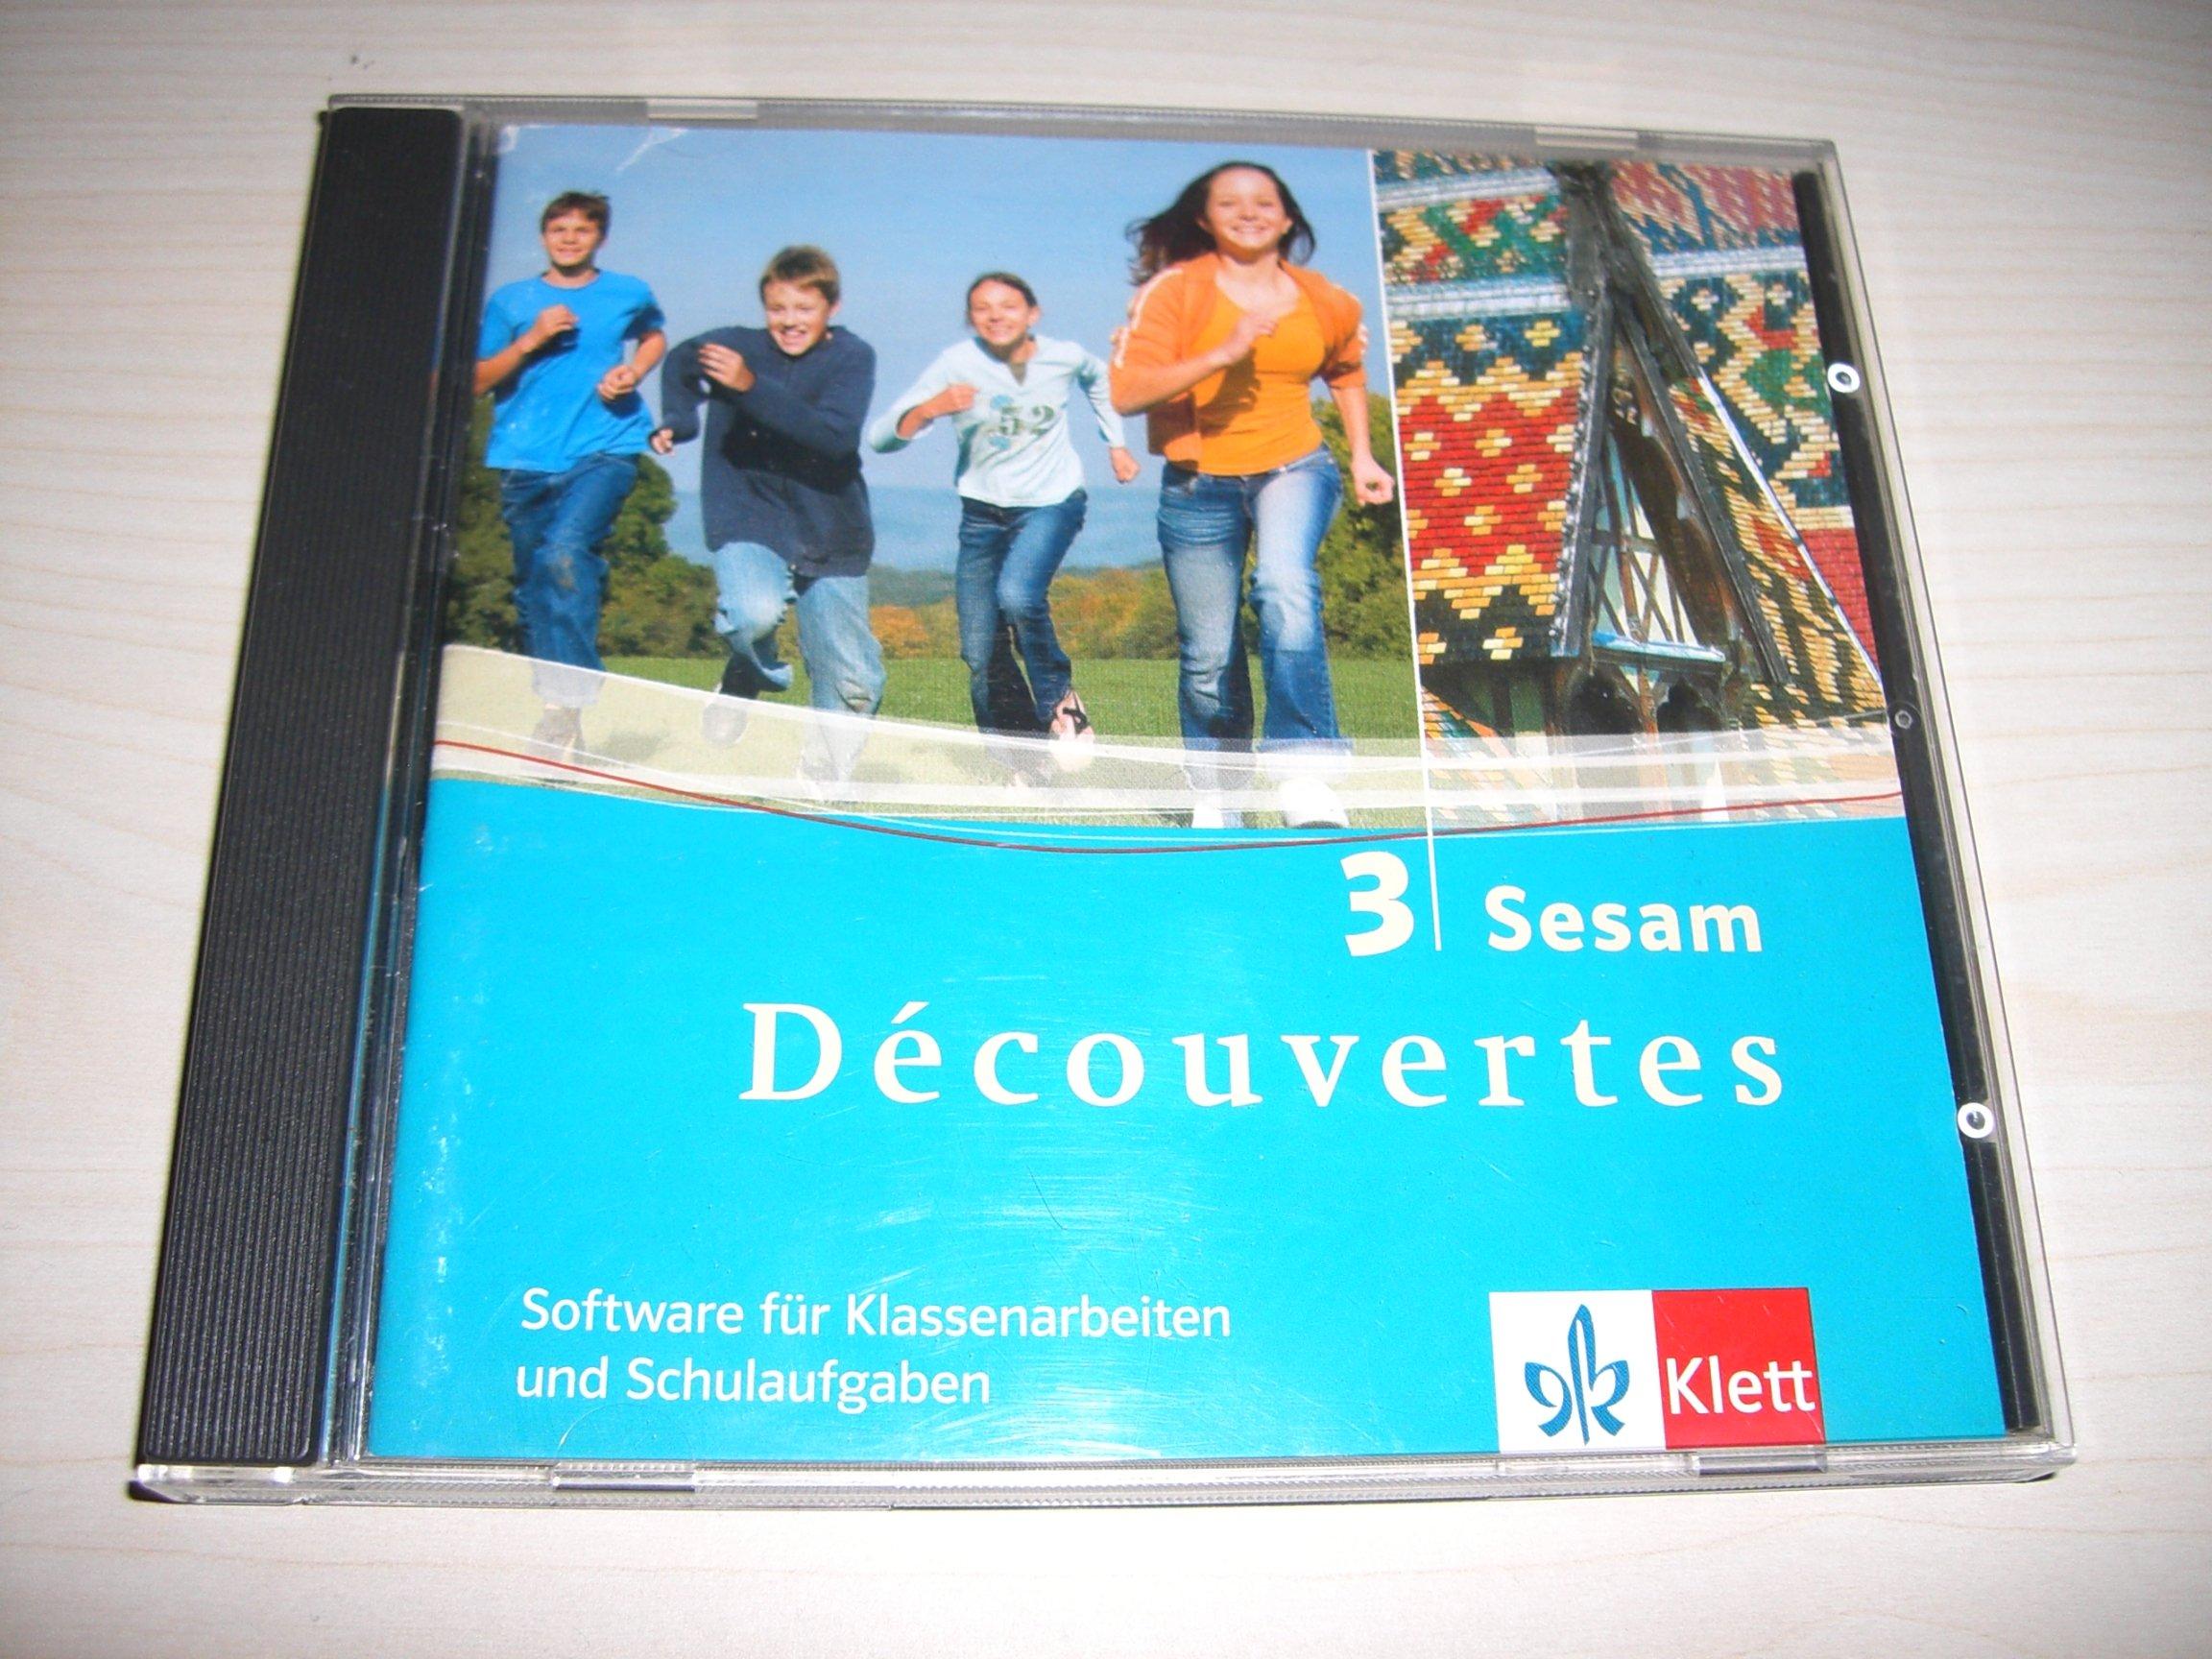 Découvertes, Bd 3: Sesam - Software zur individuellen Erstellung von Klassenarbeiten